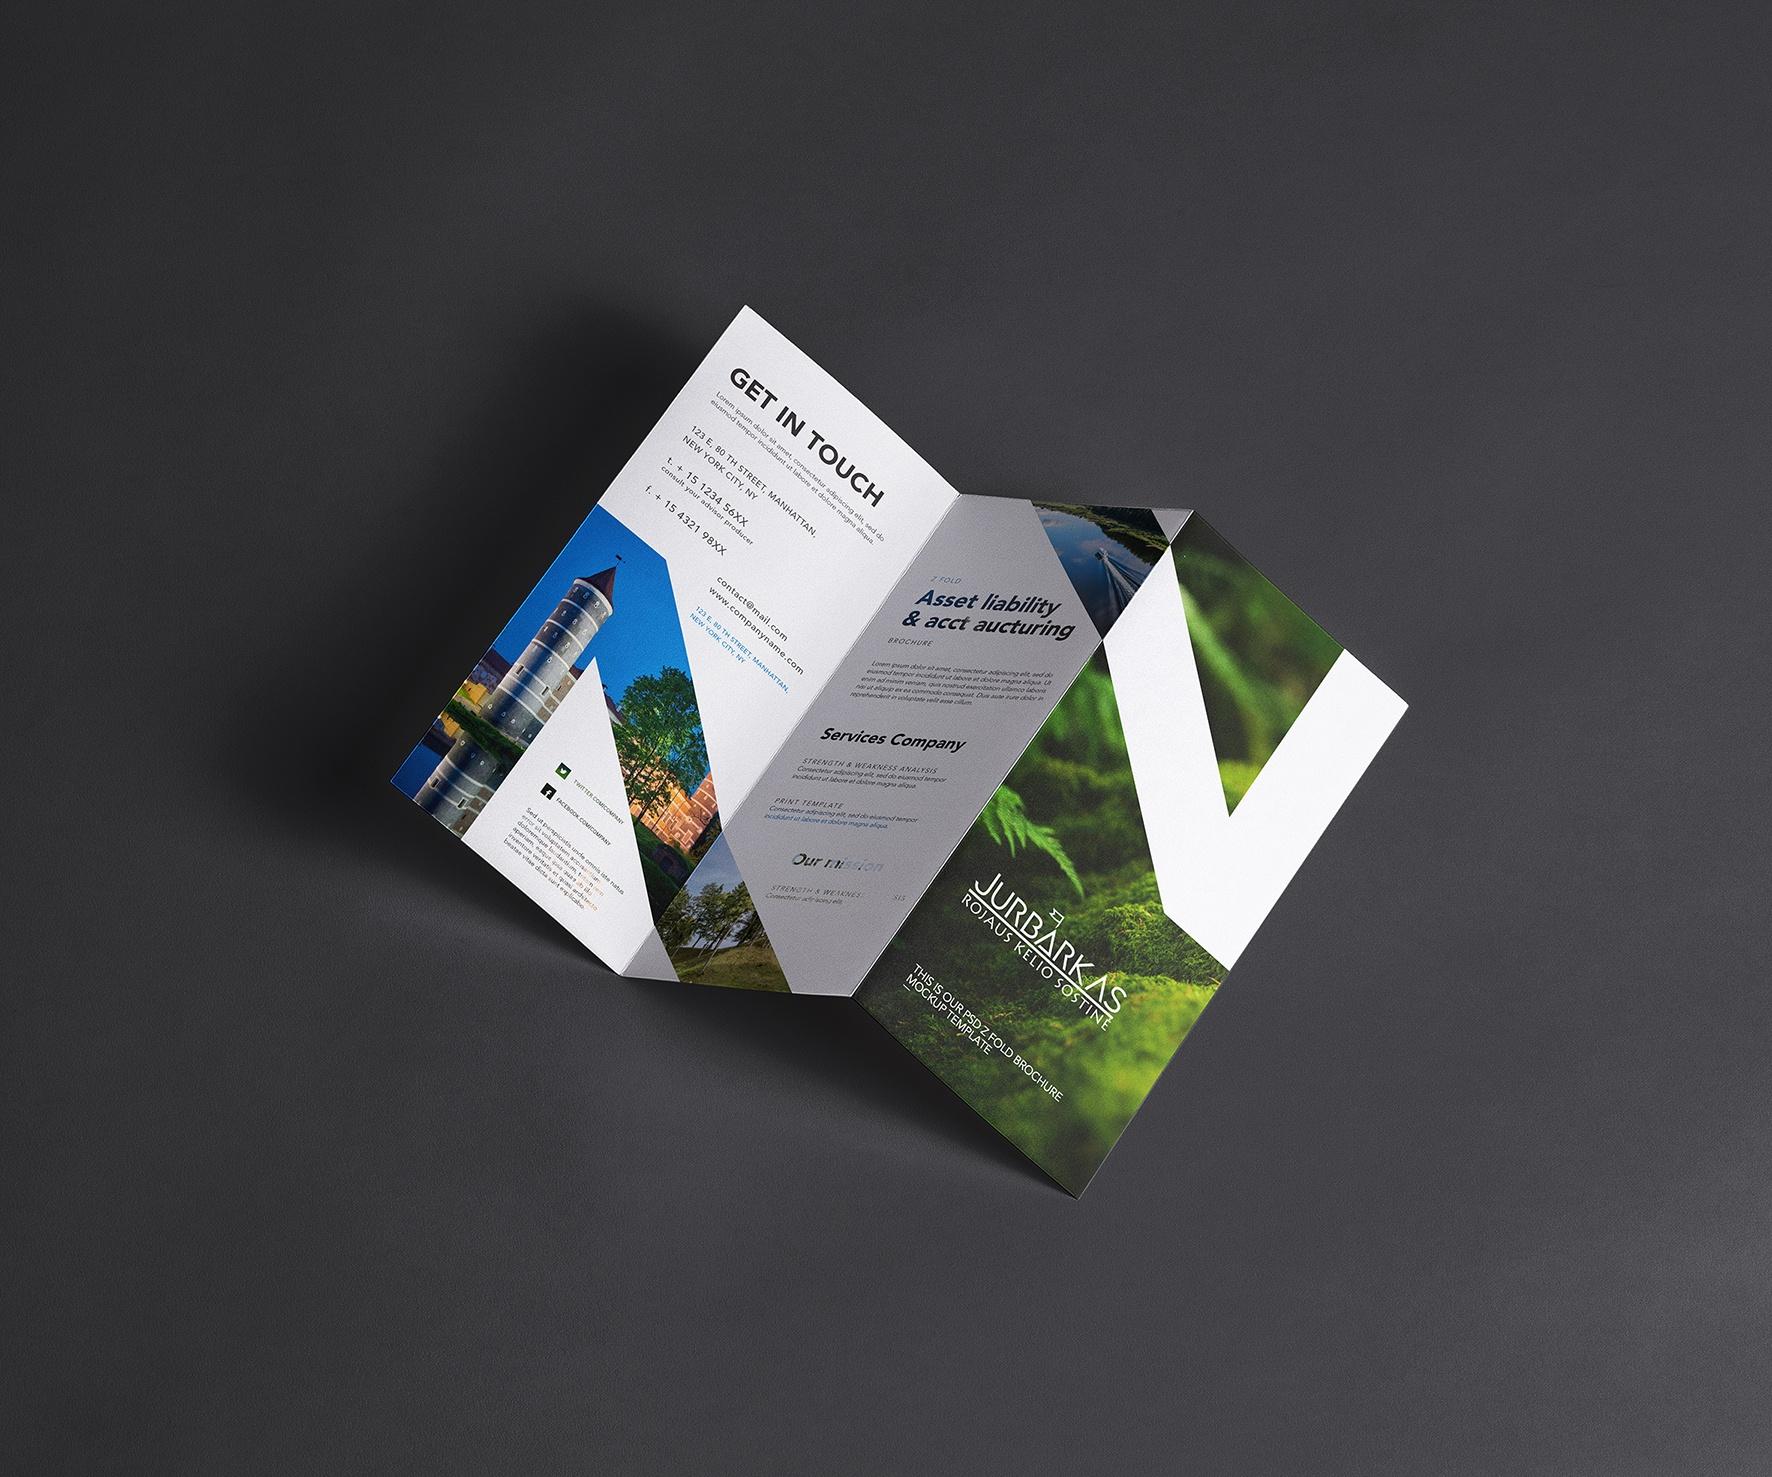 Prints layout